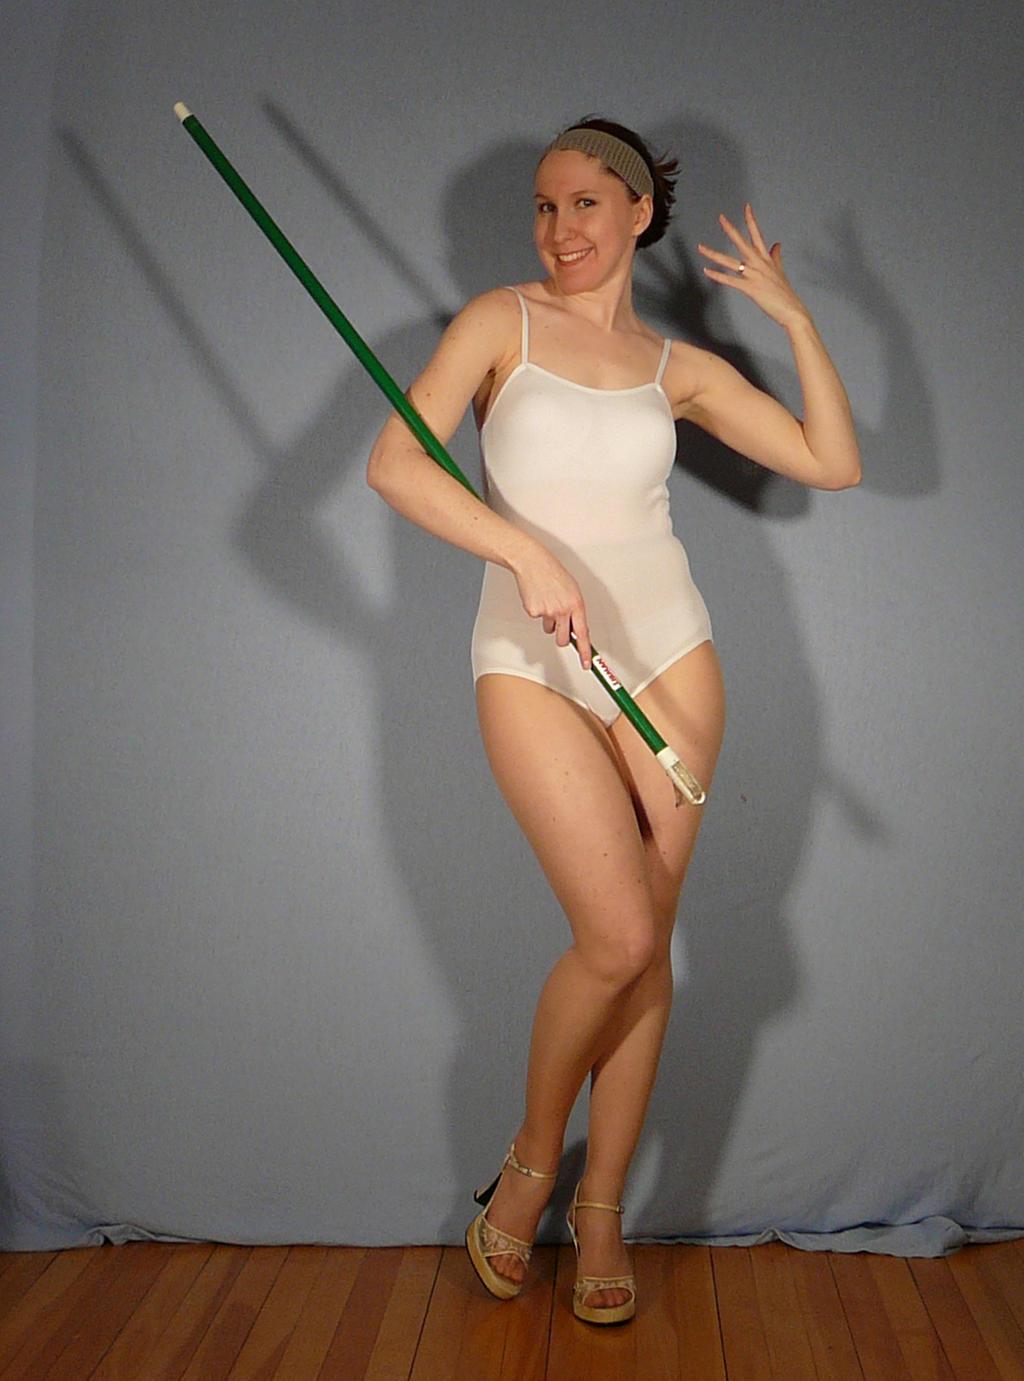 Magical Girl Staff - Pose Reference by SenshiStock